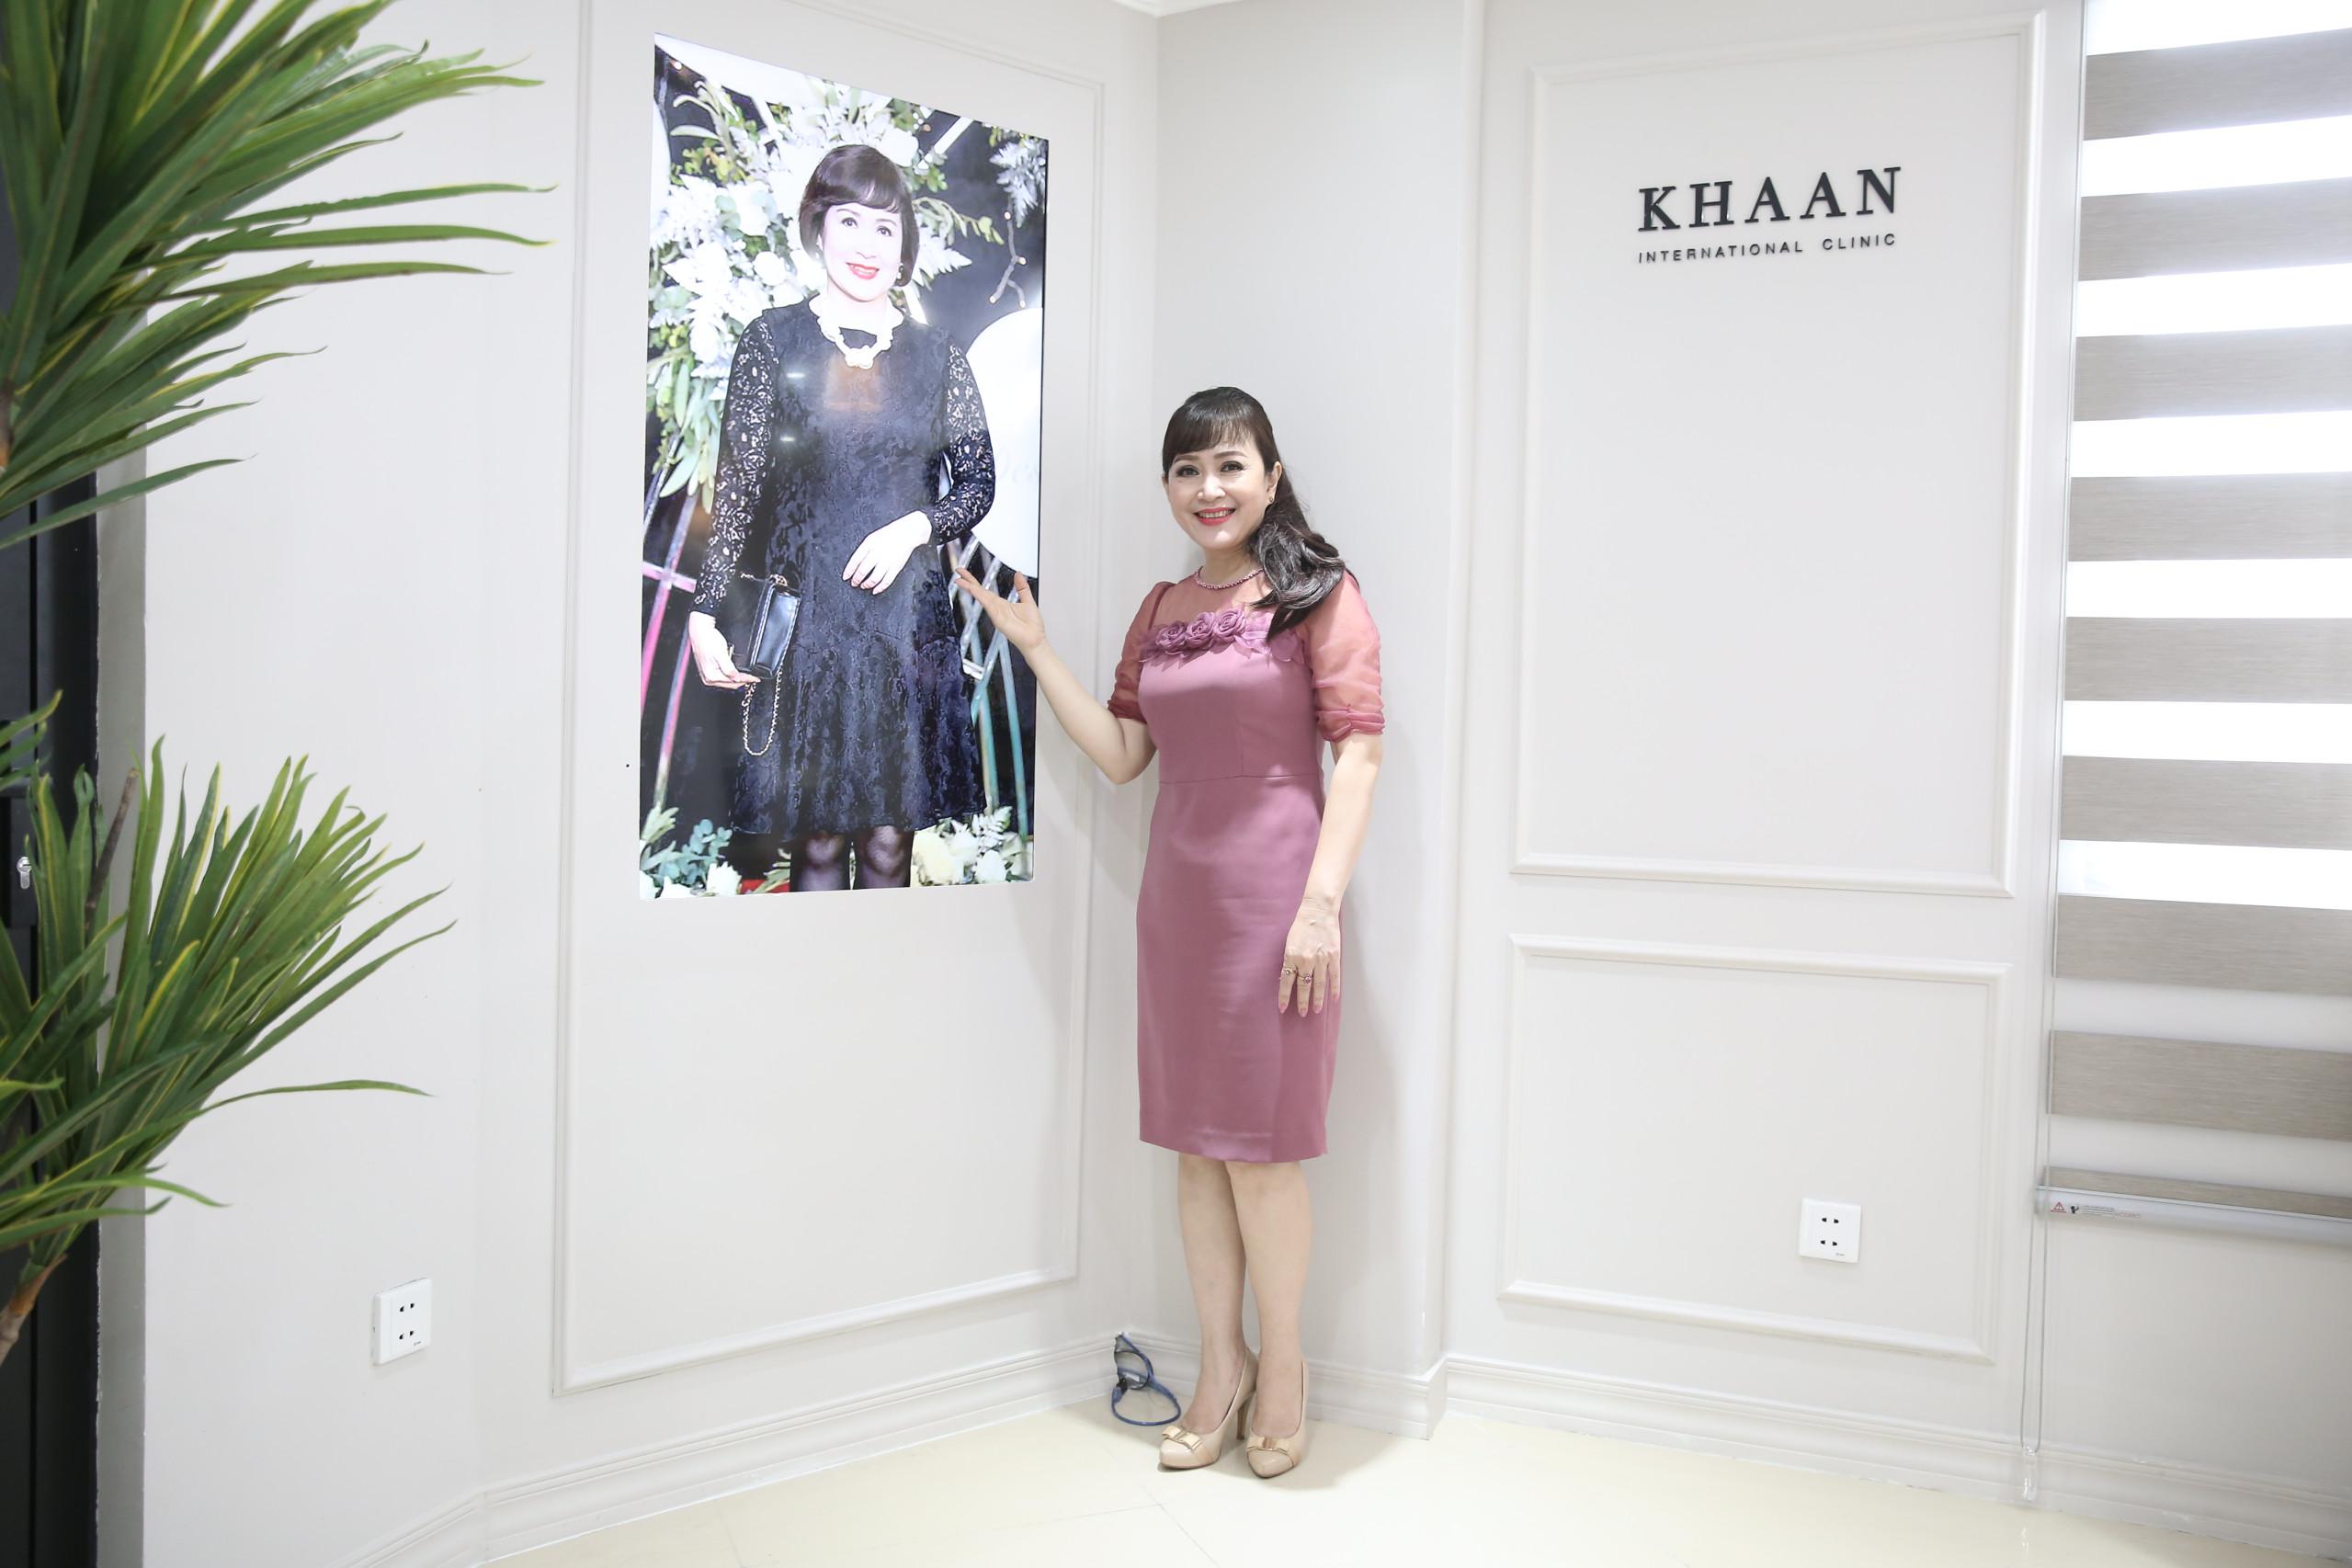 Thẩm mỹ Quốc tế Khaan - Nơi chinh phục các nghệ sĩ khó tính giảm béo - Ảnh 3